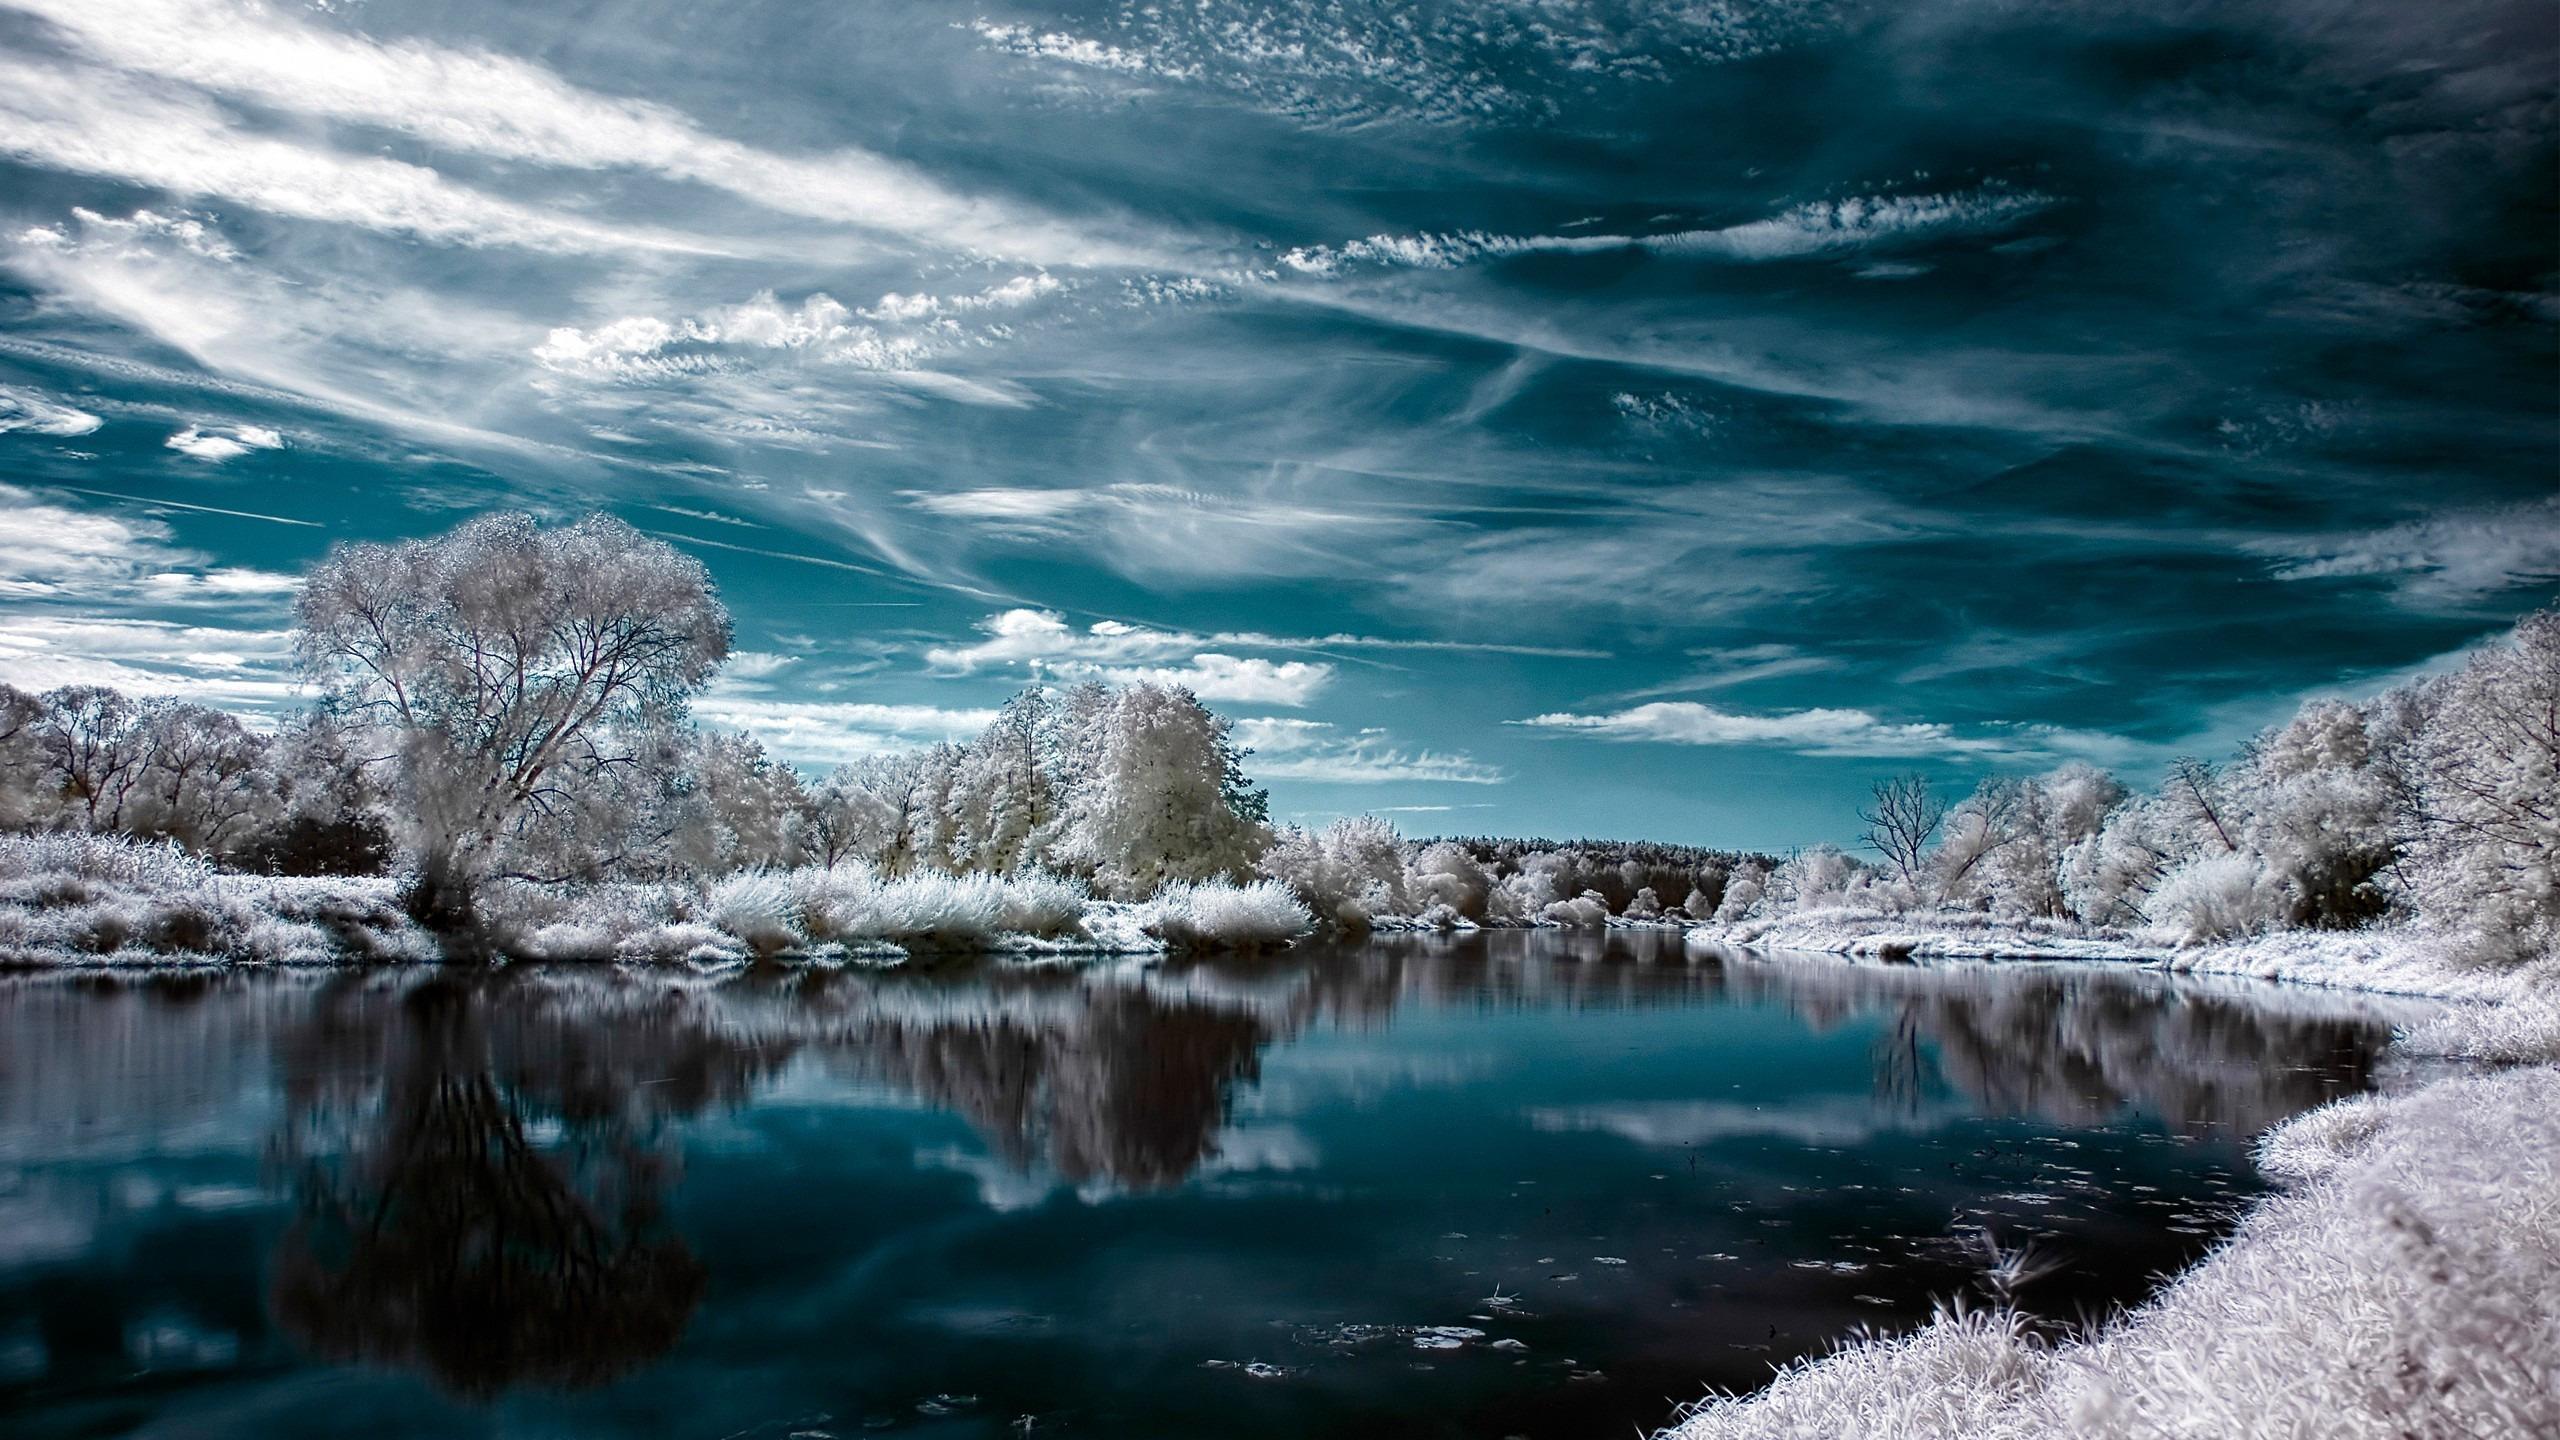 озеро зима иней the lake winter frost  № 580101 бесплатно